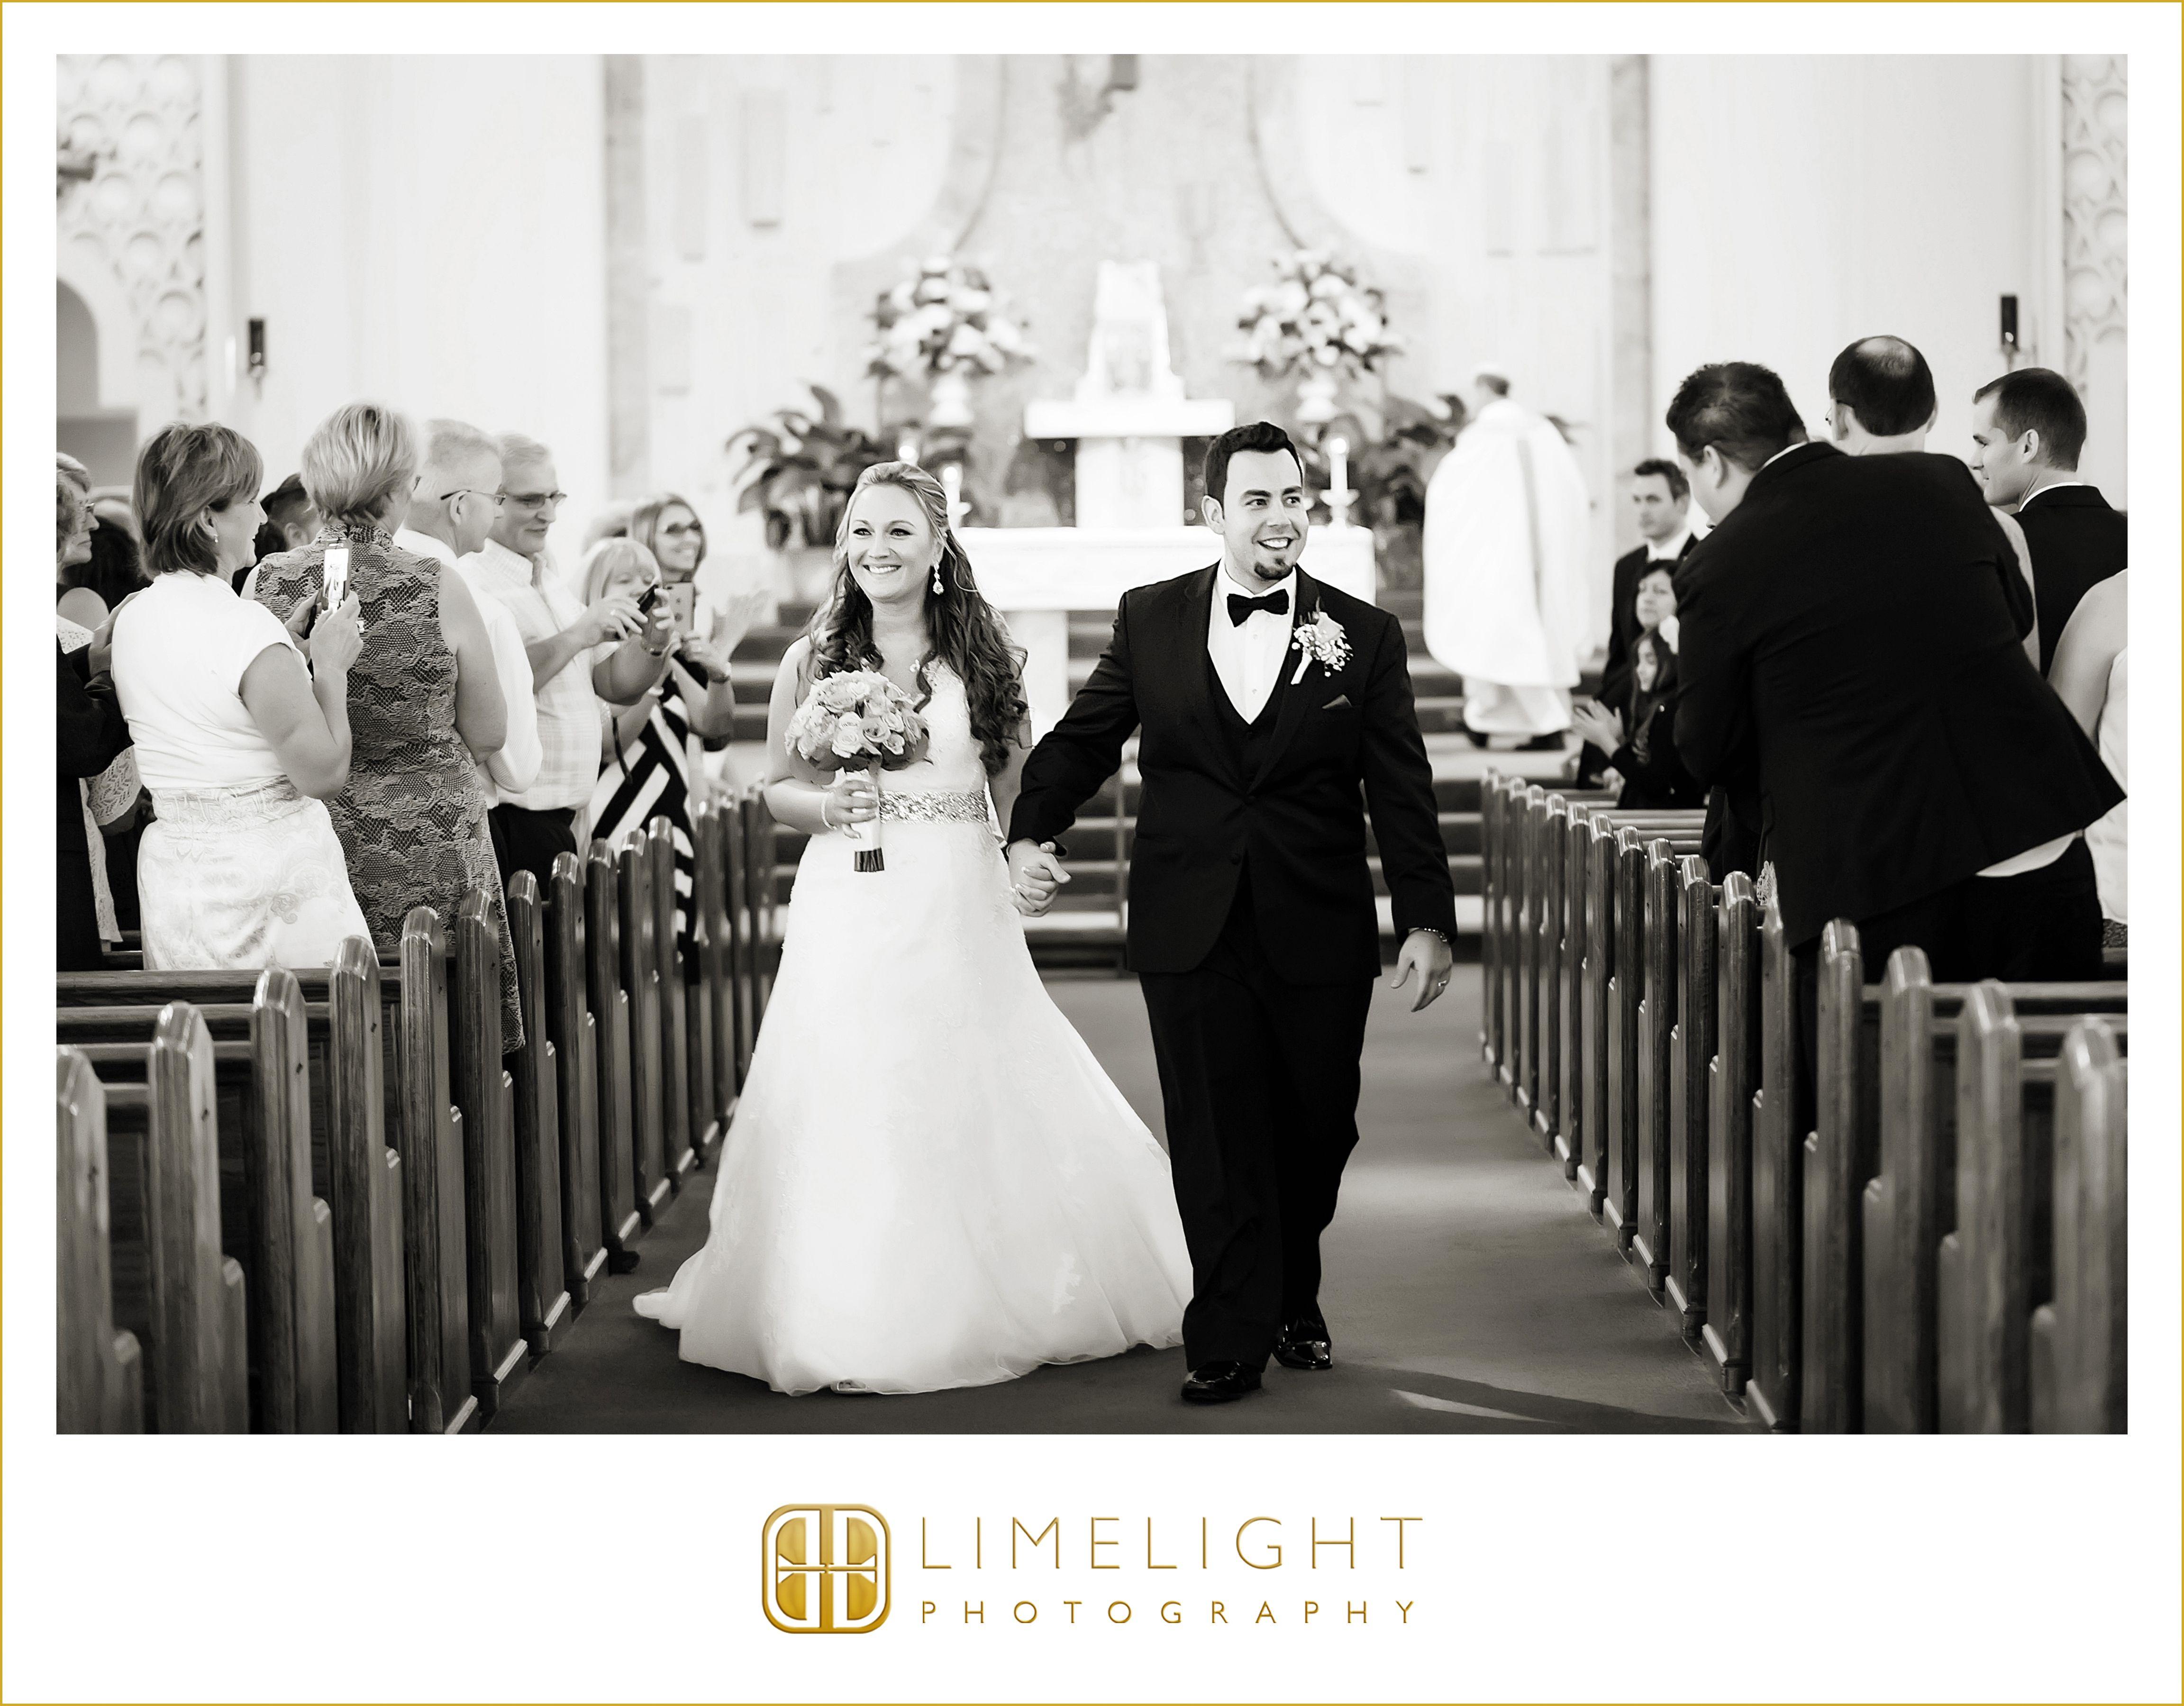 Wedding Limelightphotography Saint John Vianney Catholic Church John Vianney Catholic